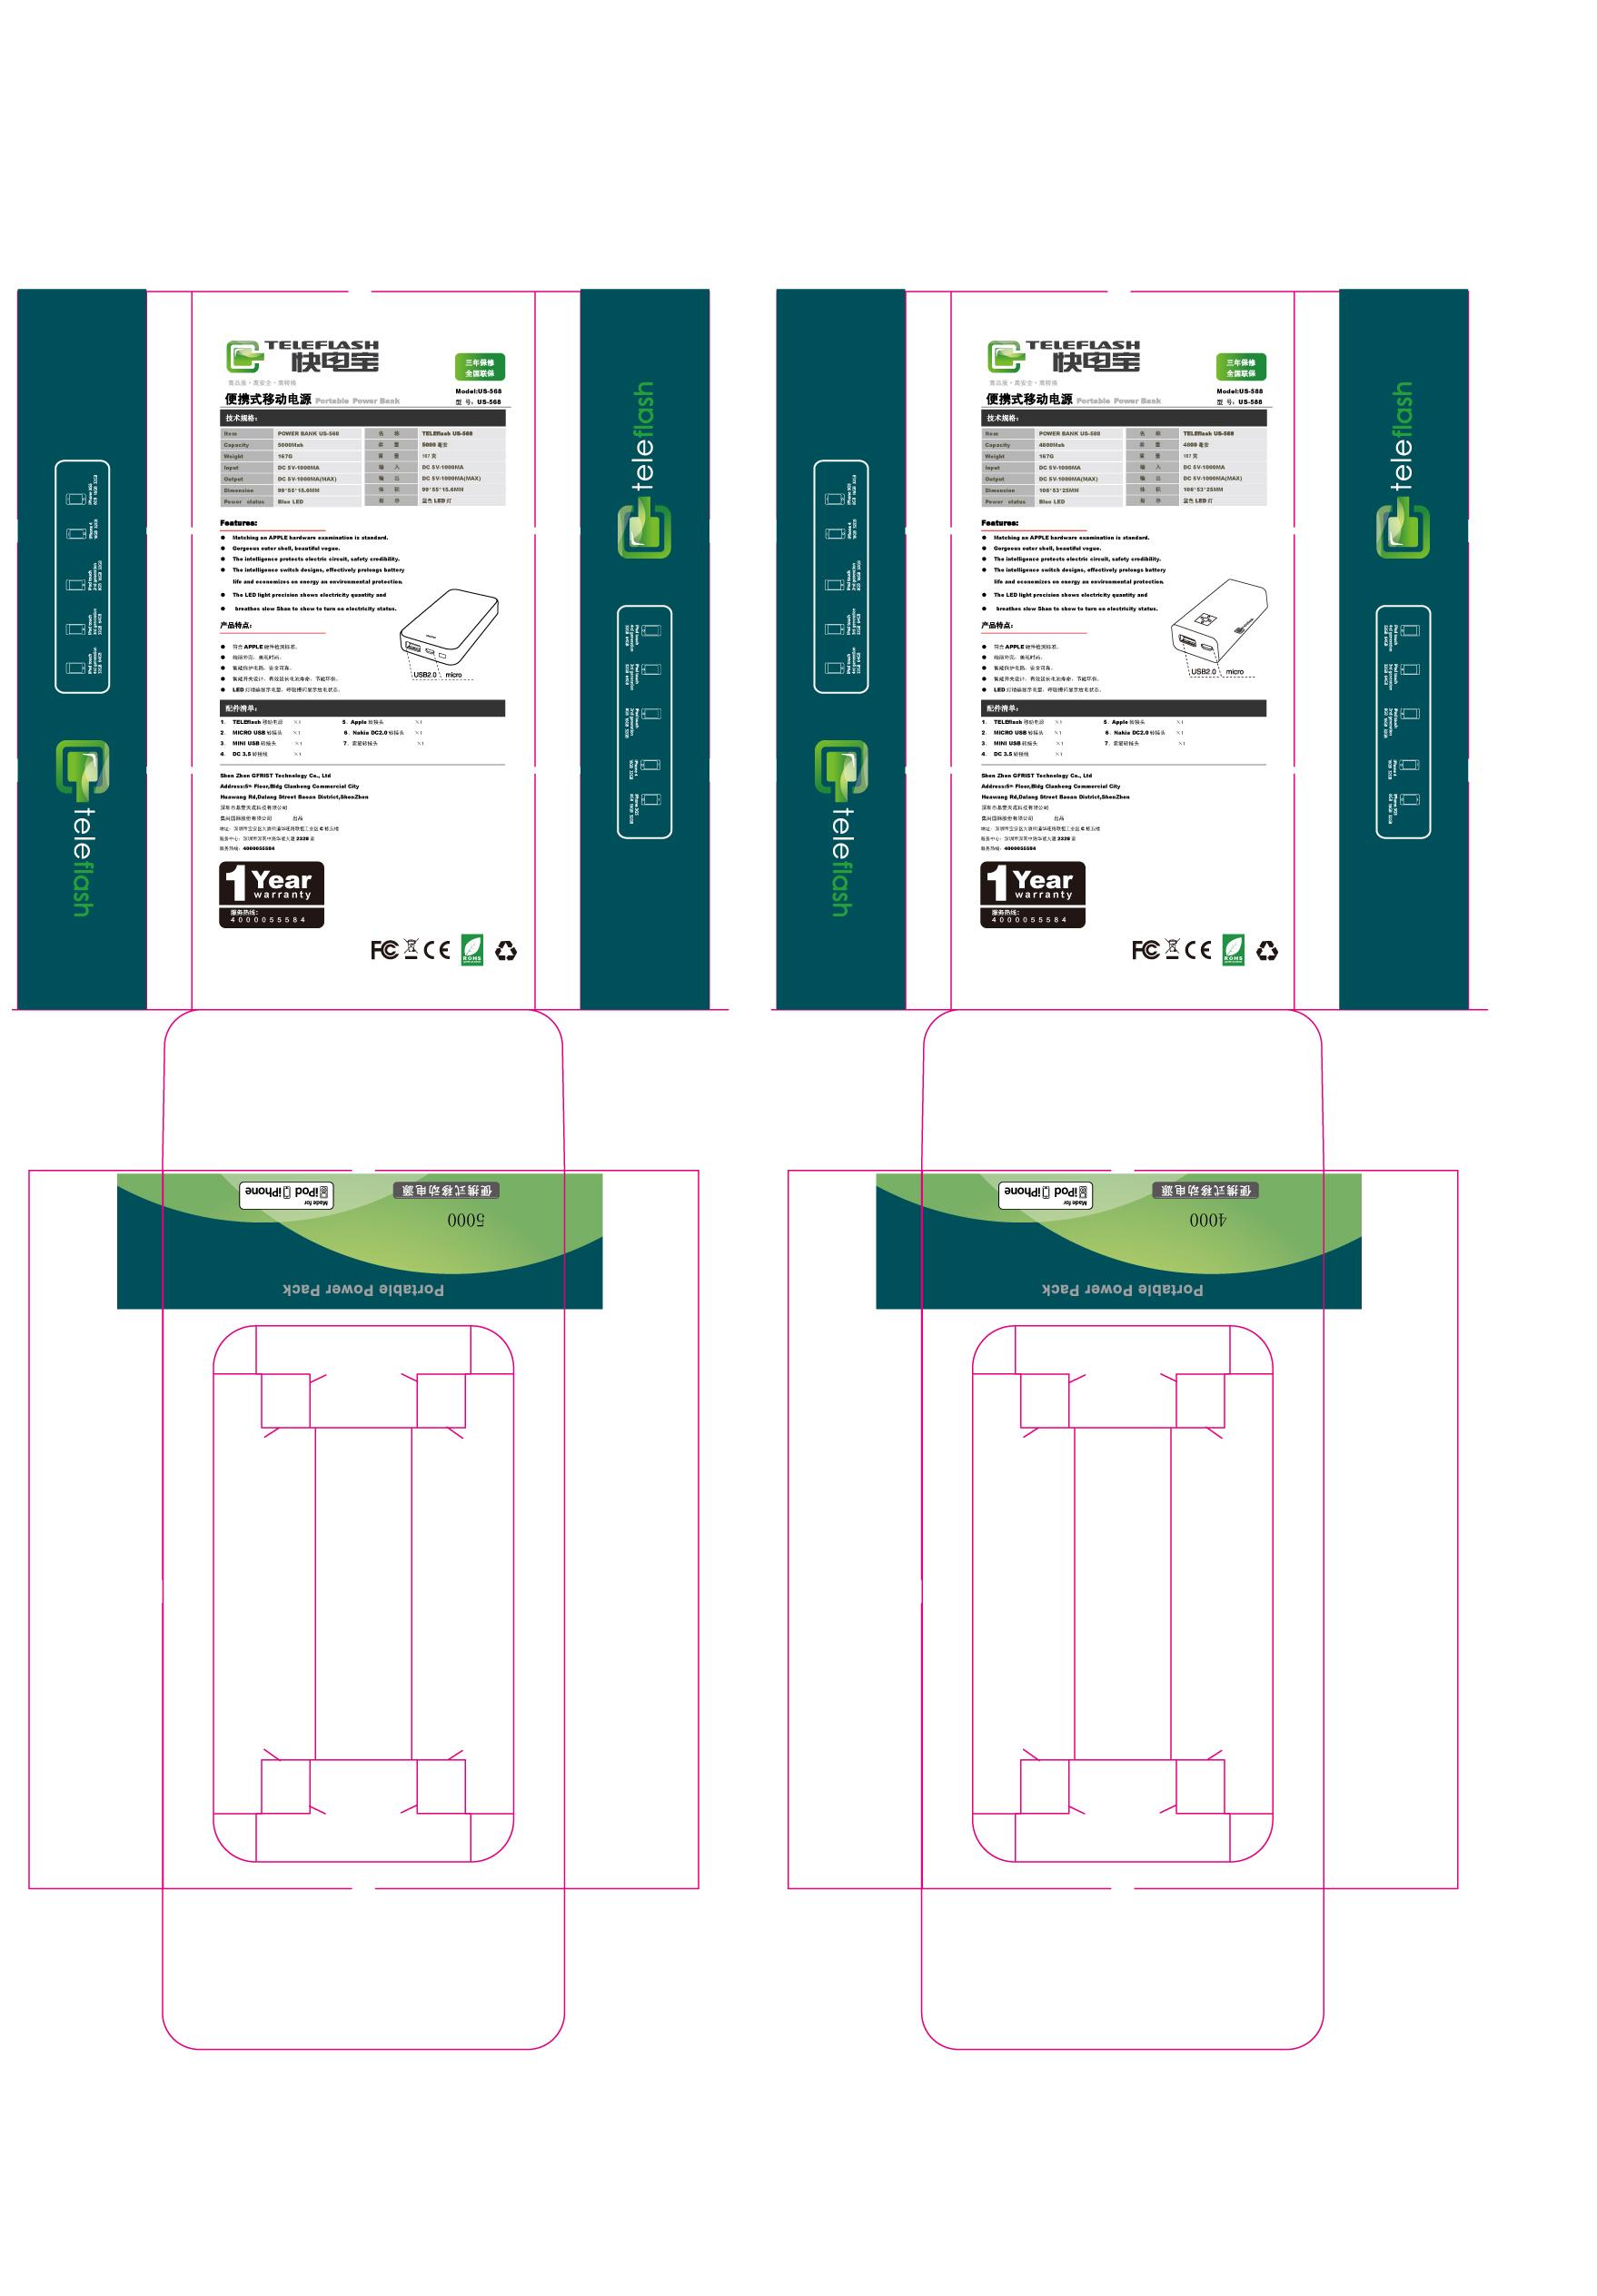 手机配件包装设计 - 图形与logo设计